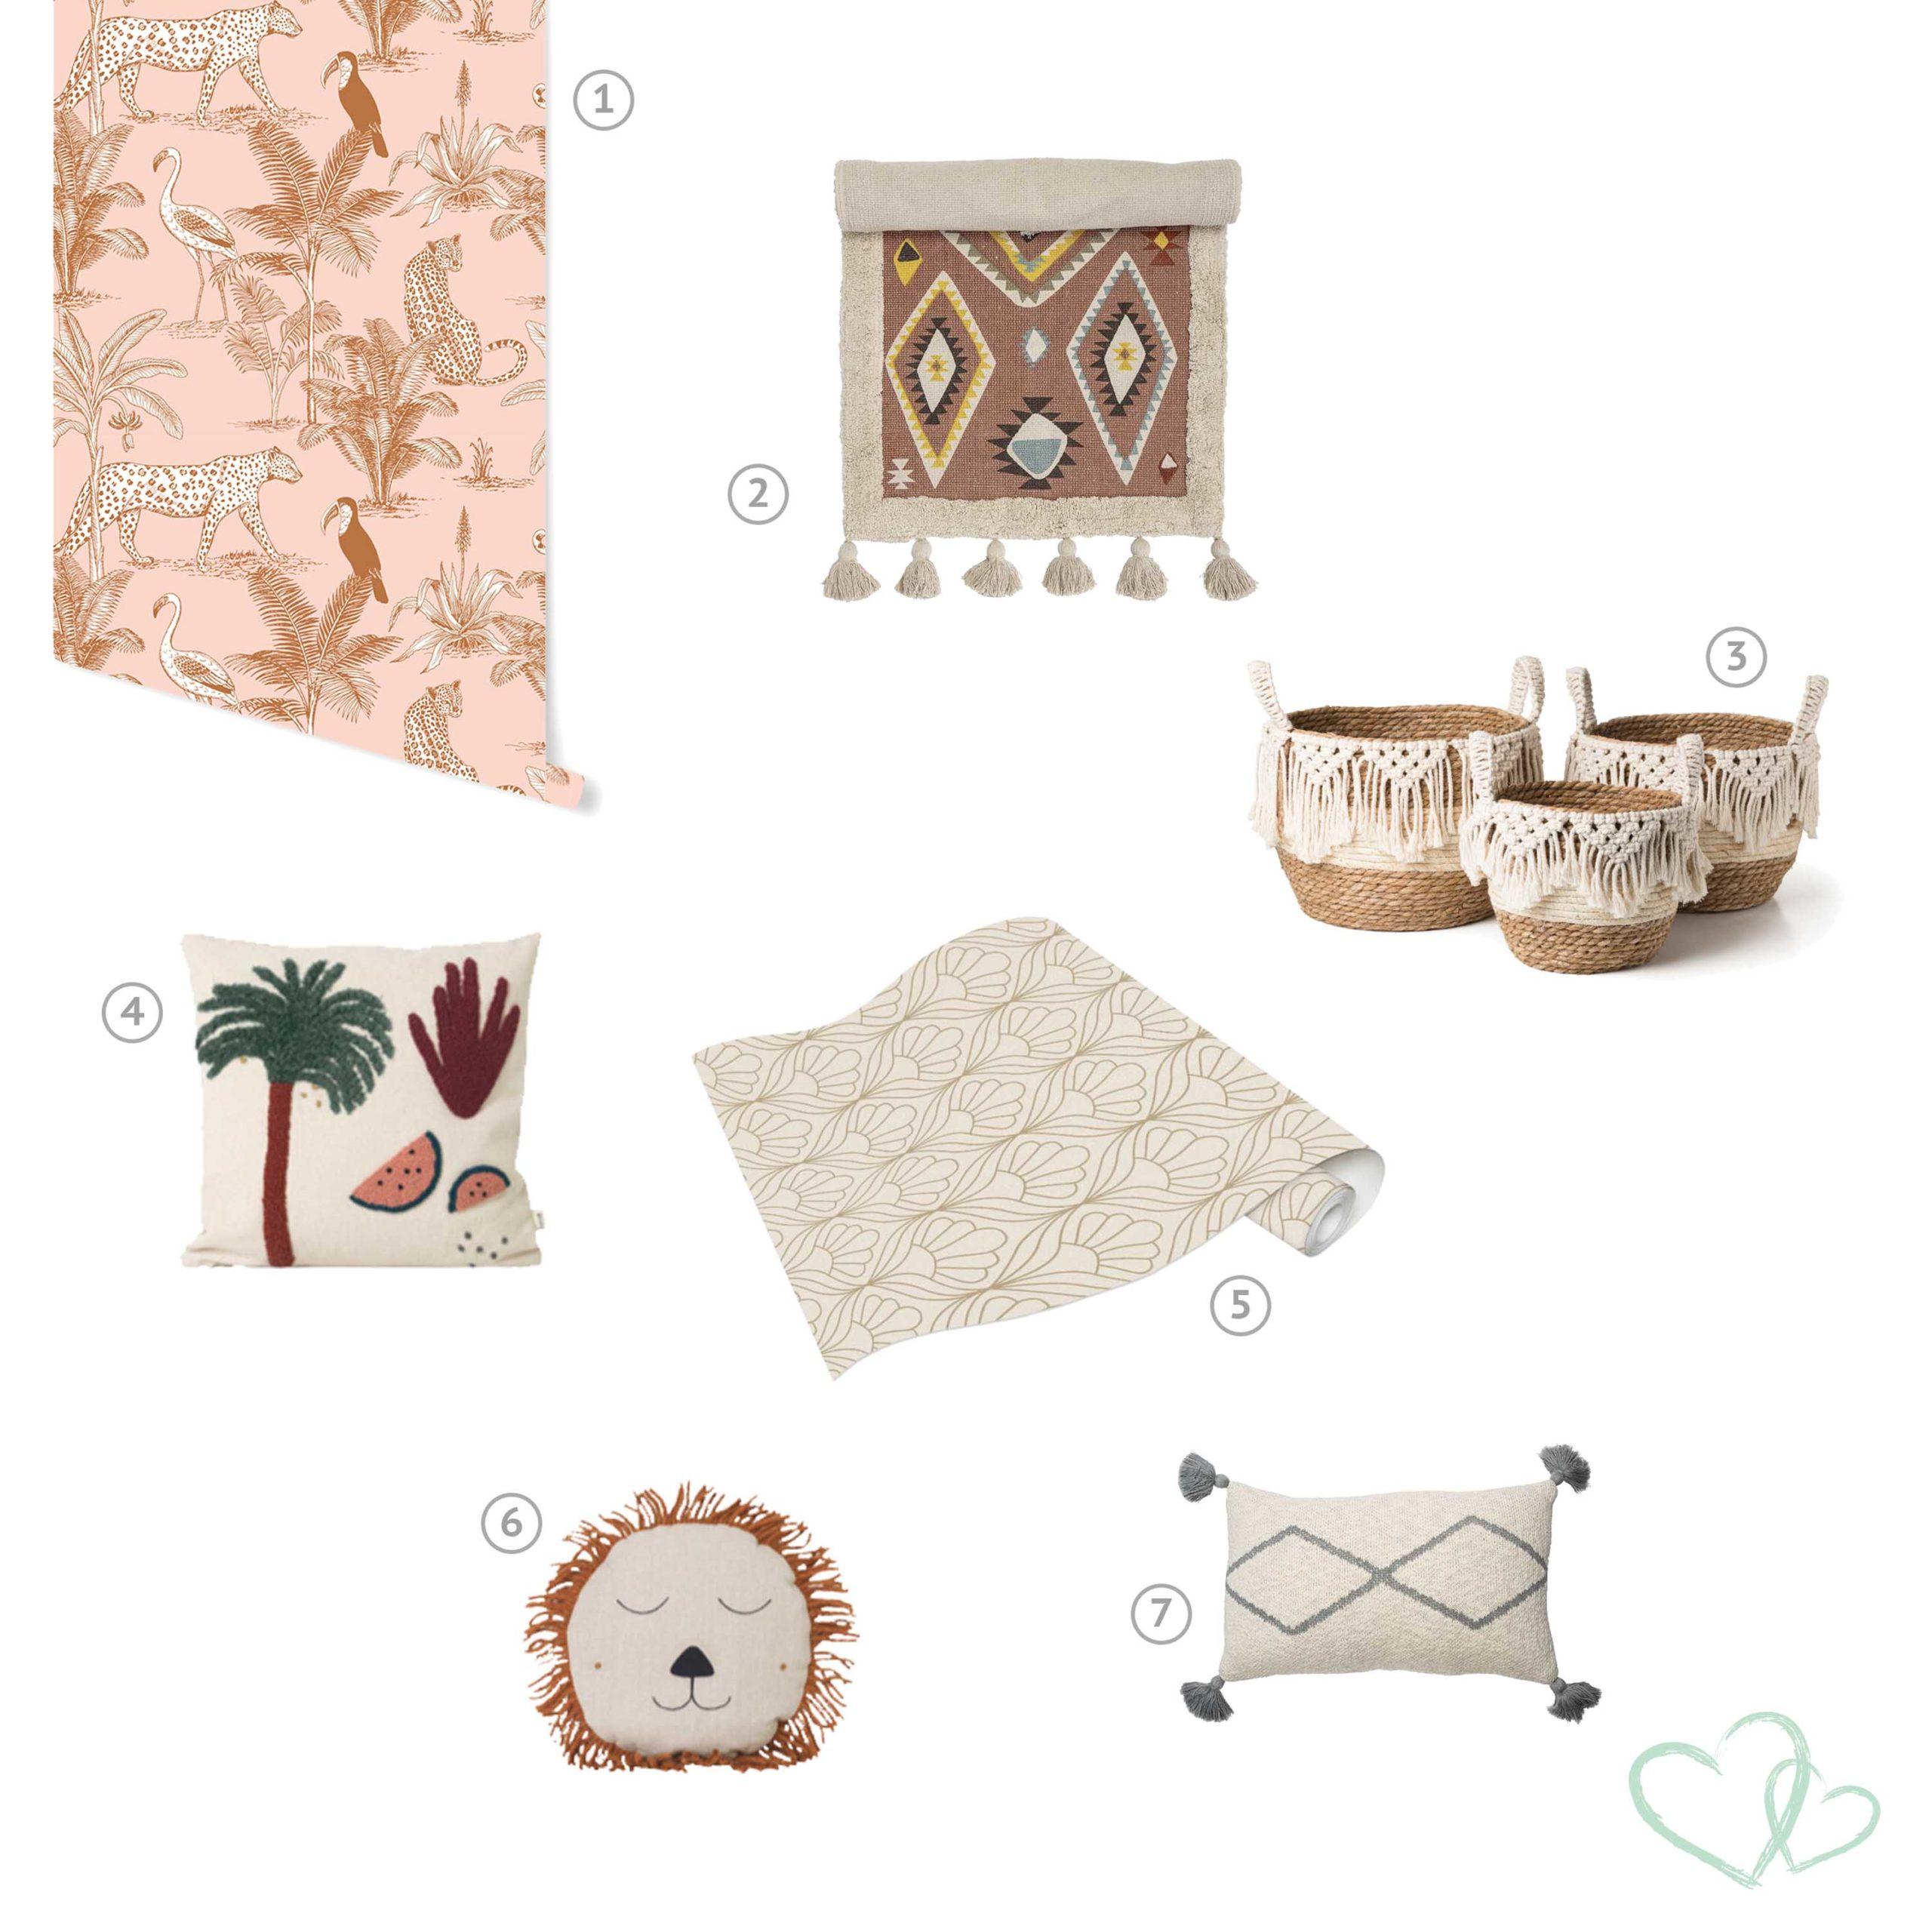 Bohemian kinderkamer, alle tips voor de perfecte kinderkamer. Alles in Bali stijl. Mooie meubels, behang, accessoires voor de kinderkamer.